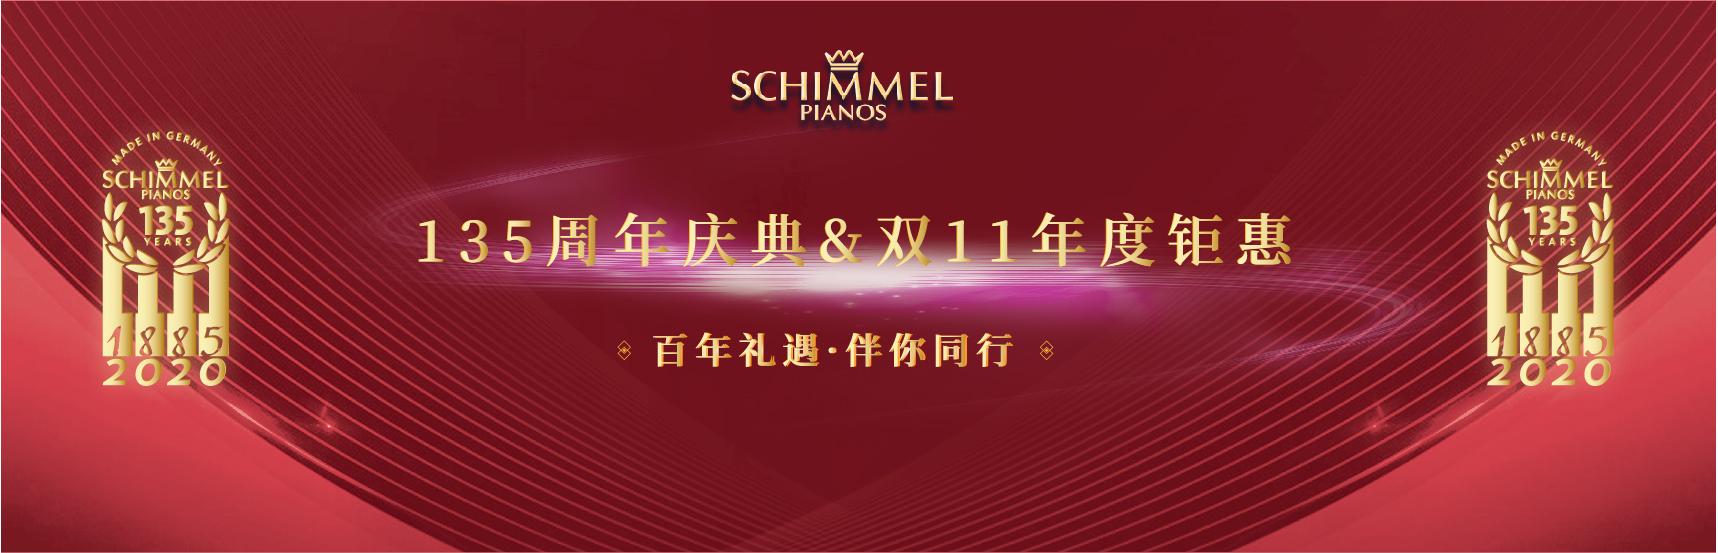 百年礼遇,伴你同行|SCHIMMEL钢琴135周年惊喜来袭!